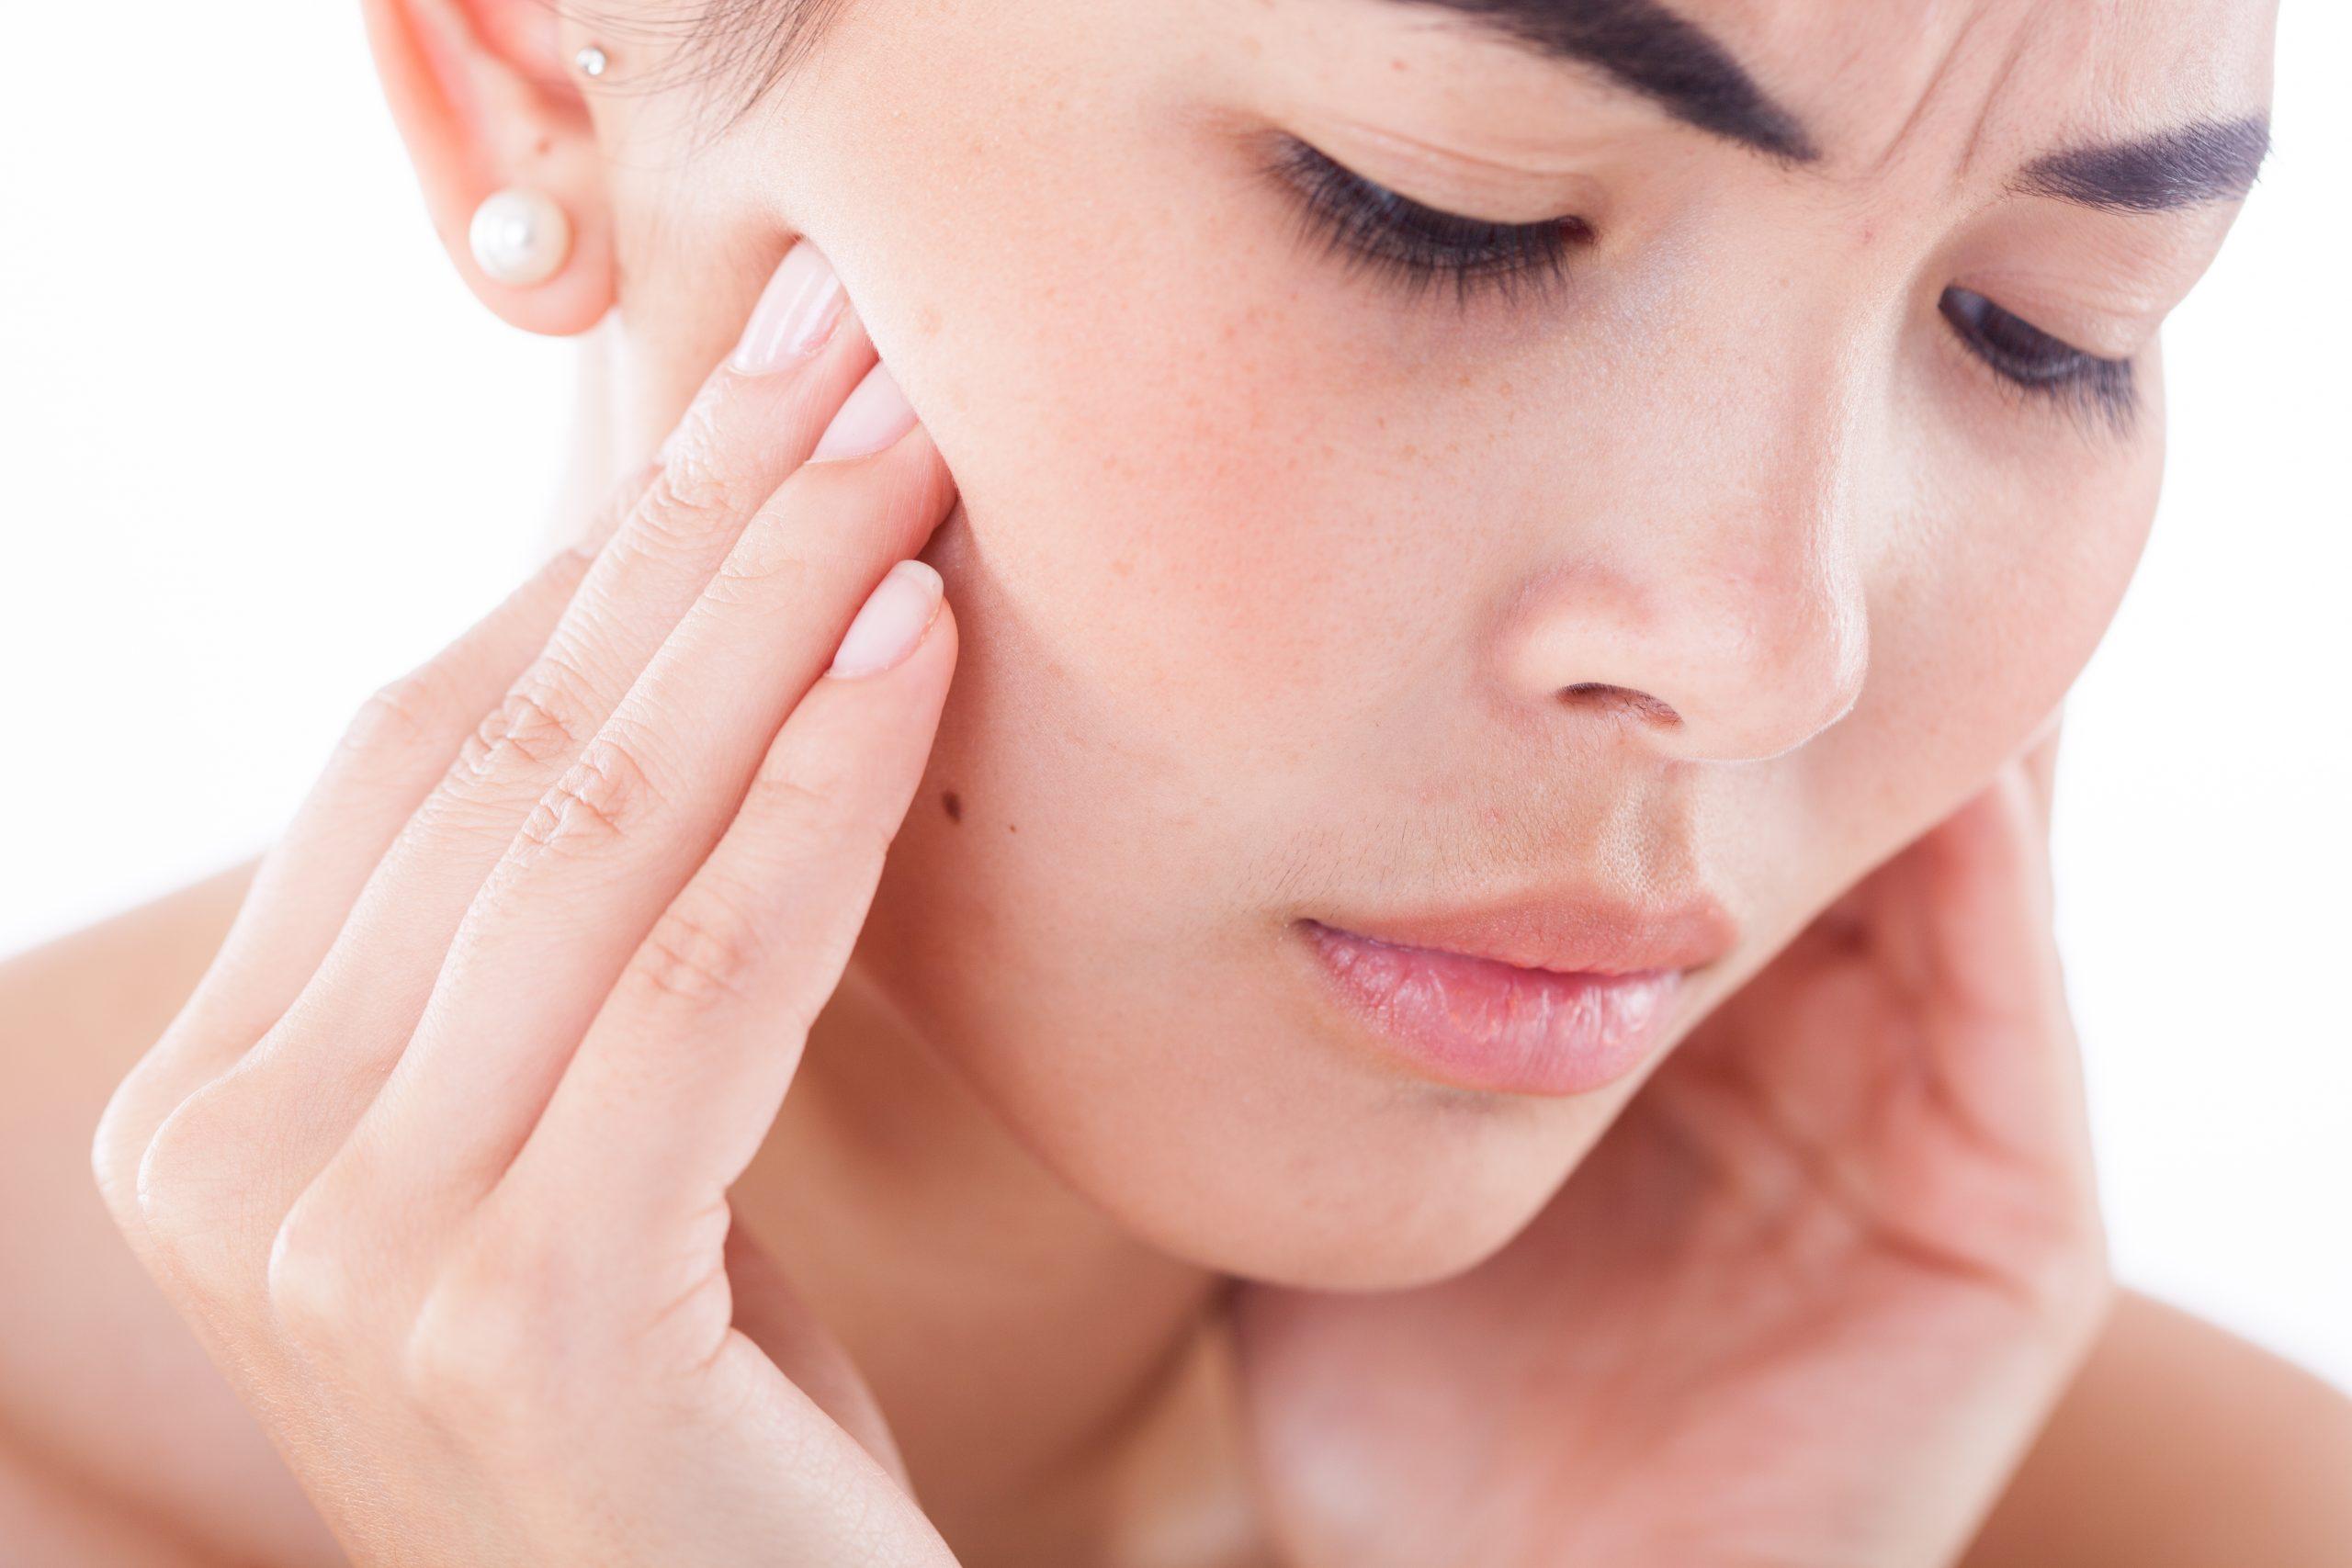 Los problemas de mandíbula pueden generar dolor de espalda